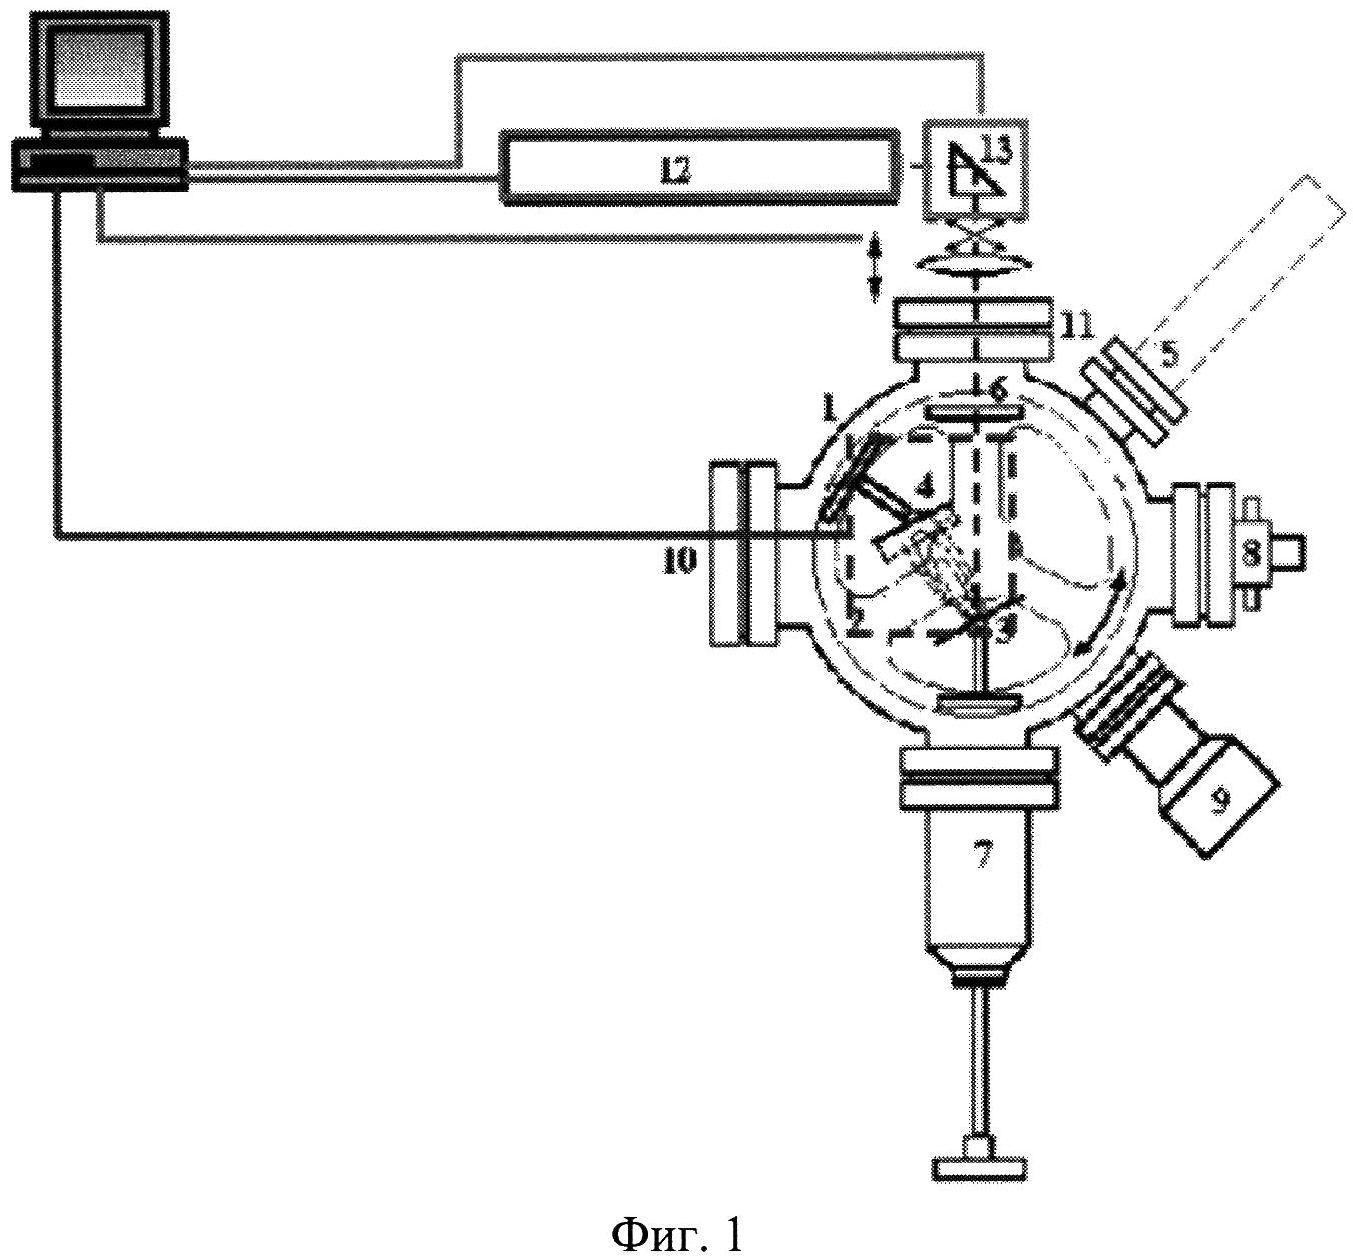 Способ получения тонких эпитаксиальных слоев β-sic на кремнии монокристаллическом